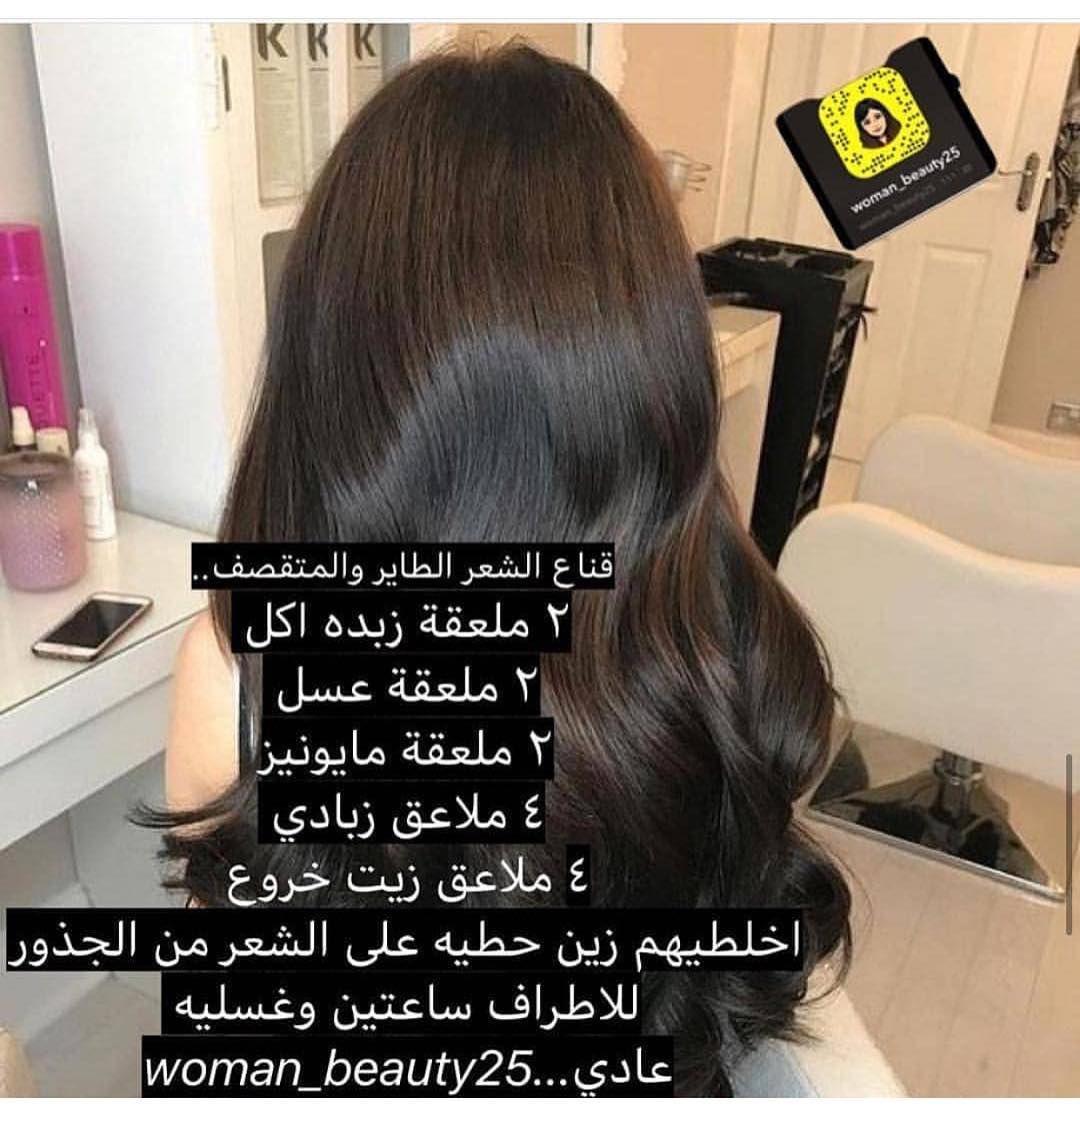 خلطات وتجارب نوف On Instagram لايك يابنت جعلك تعرسين Kiko Makeup1 تعلمكم خلطات للجسم والشعر تجنن Hair Care Oils Pretty Skin Care Diy Hair Treatment